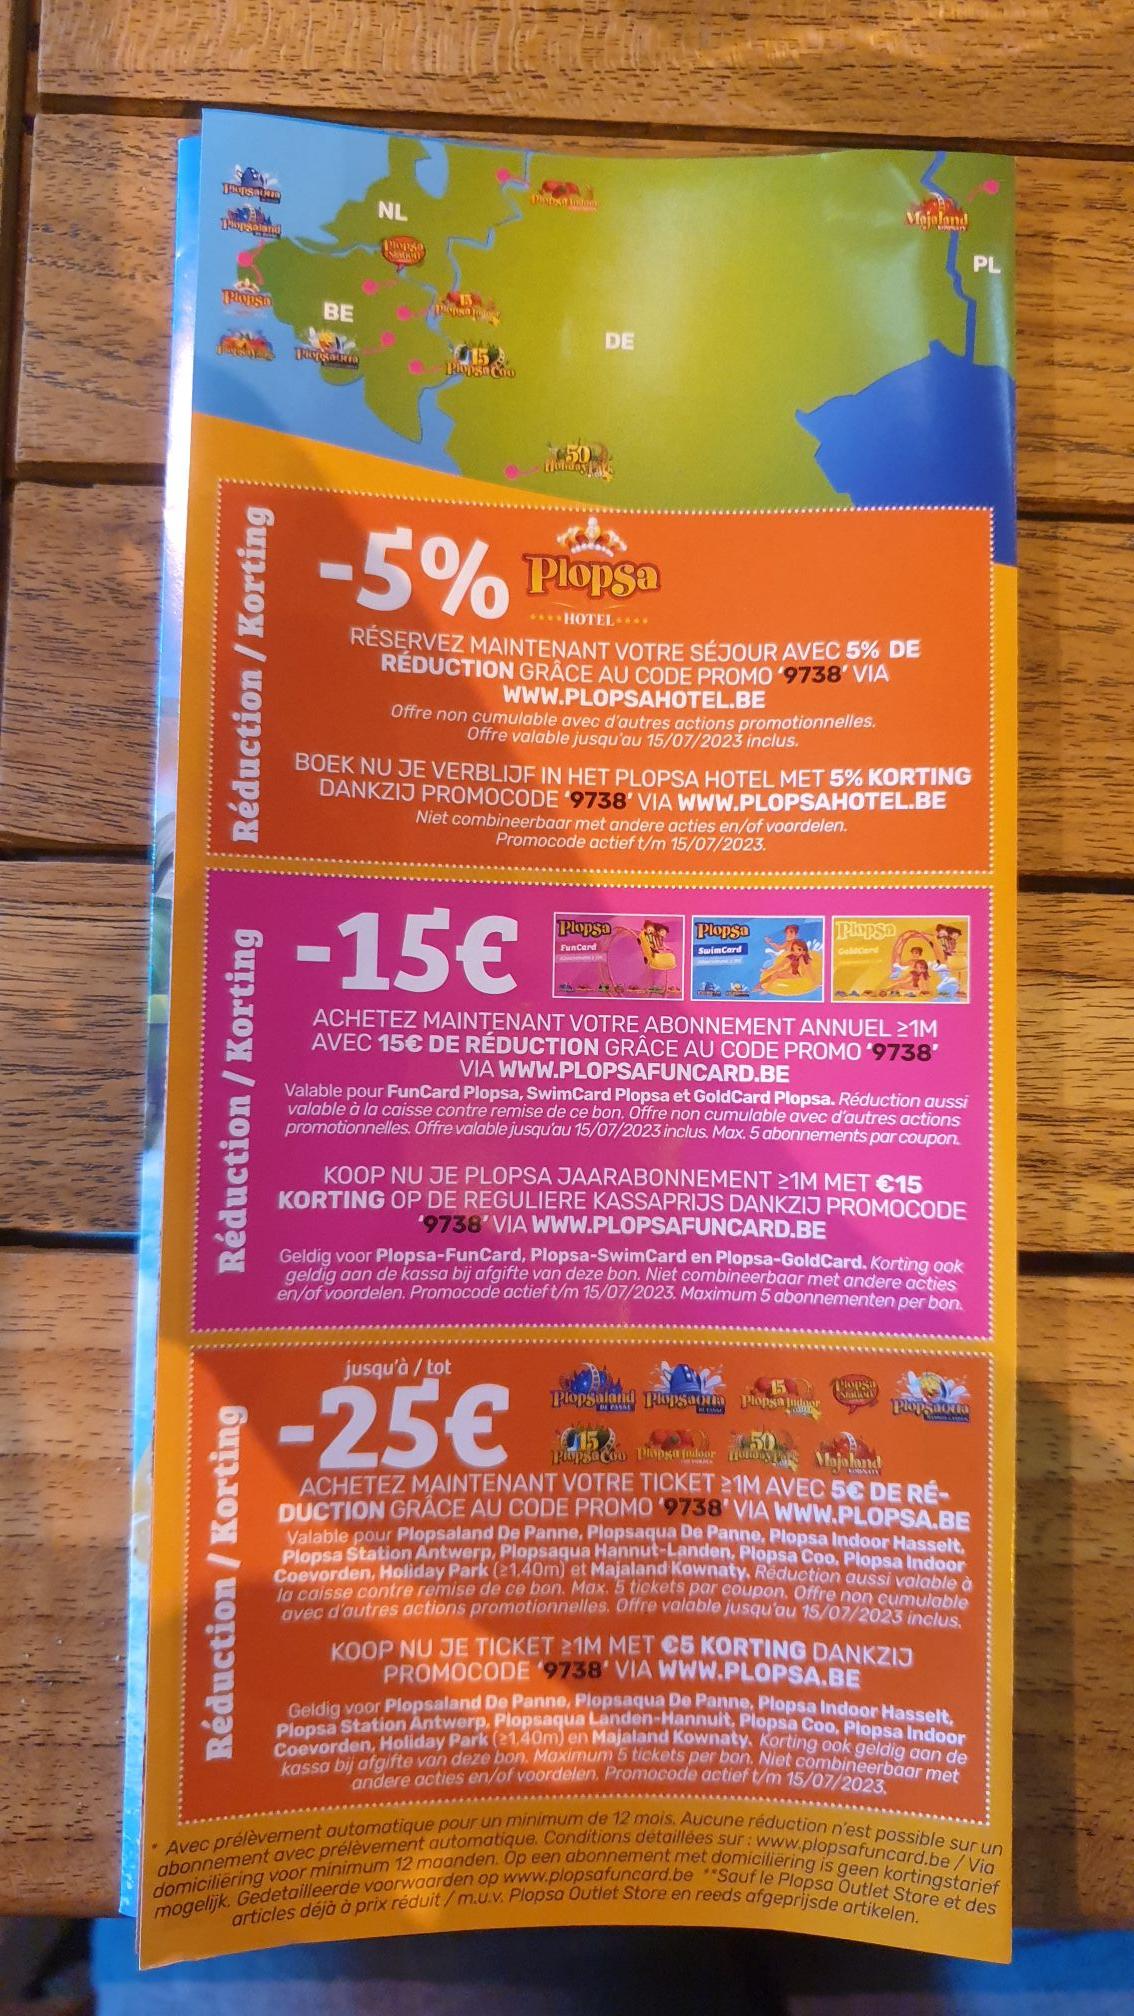 5€ korting op entree Plopsa parken, 5% korting op verblijf Plopsa hotel, 15€ korting op jaar abonnement